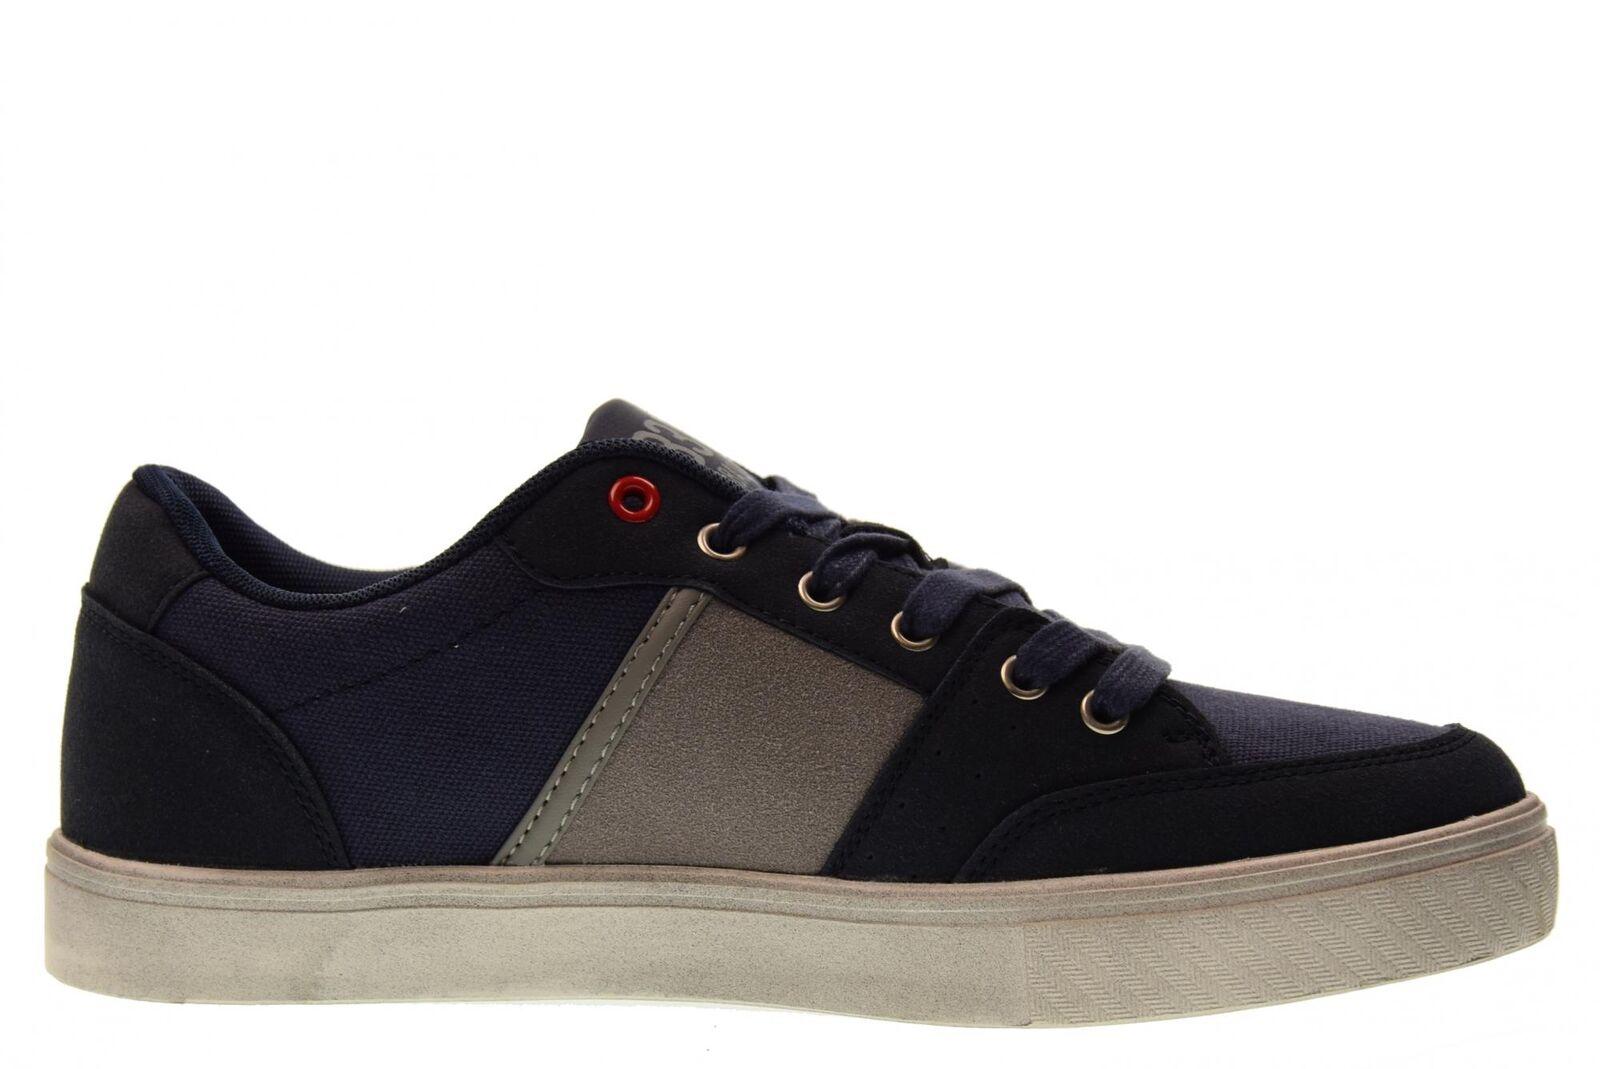 B3D Turnschuhe Shoes Schuhe Männer niedrige Turnschuhe B3D 40182 BLU P18g 18aad8